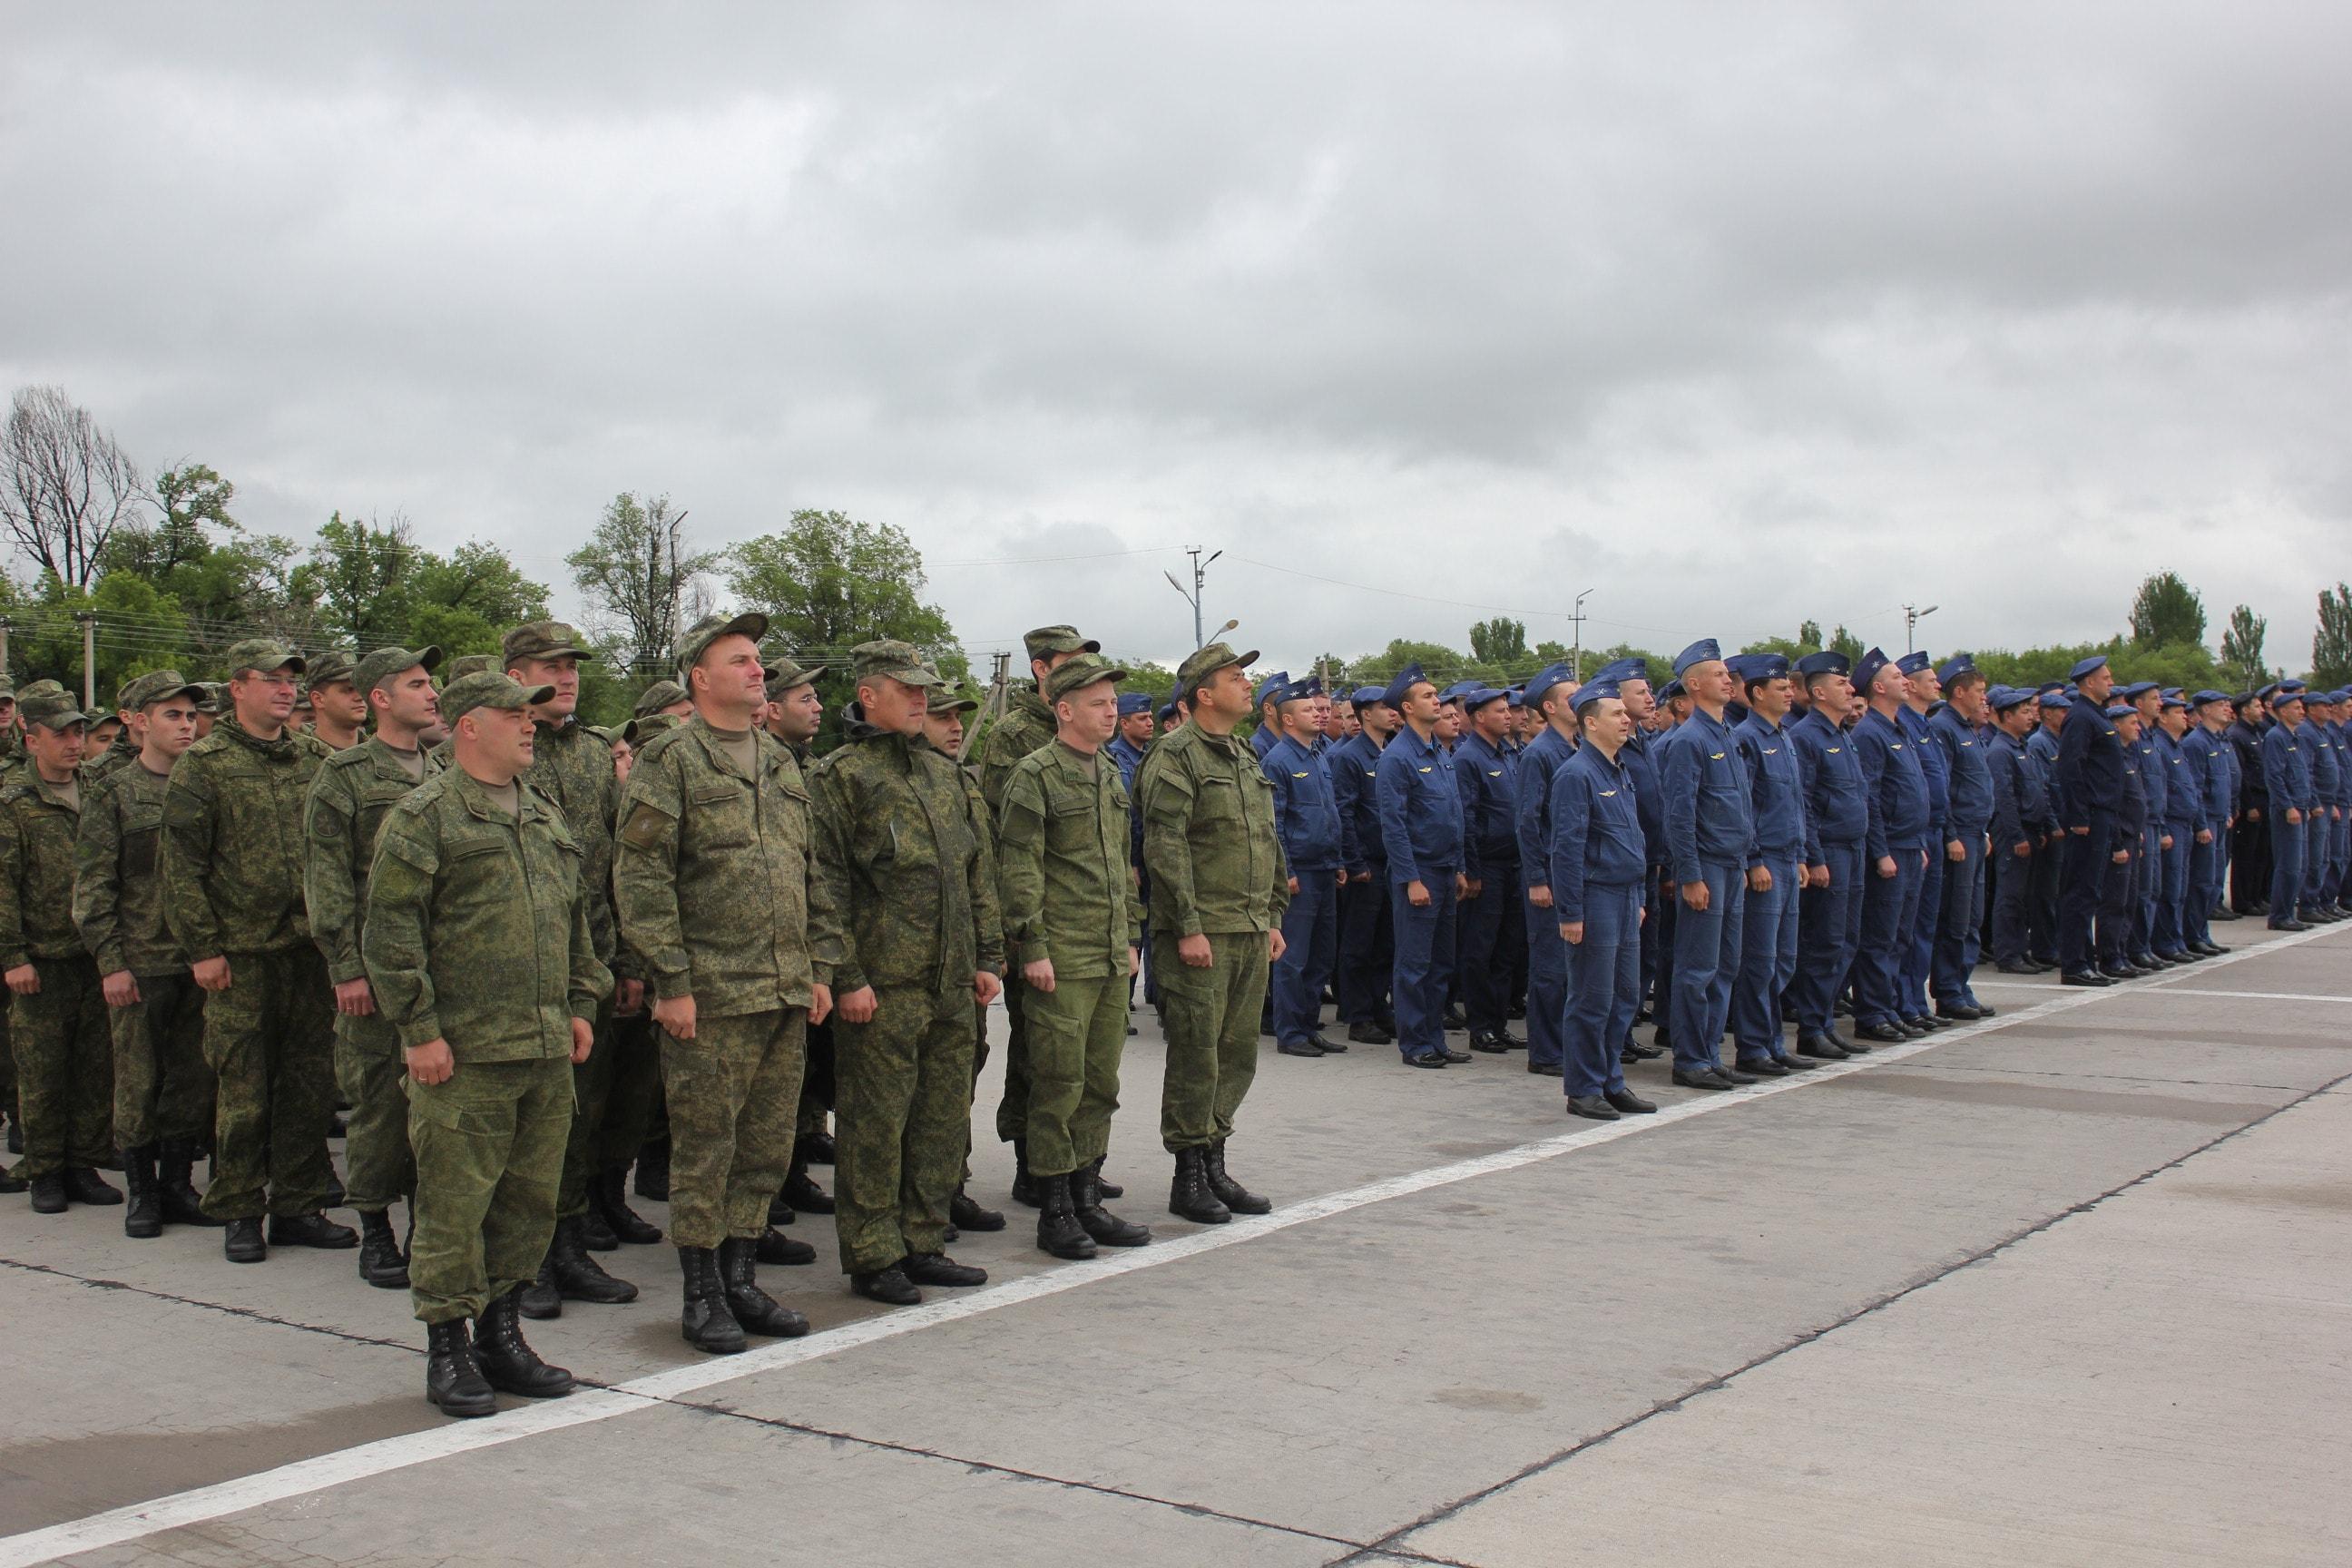 На авиационной базе ОДКБ «Кант состоялись комплексные занятия с личным составом в рамках подготовки к летнему периоду обучения